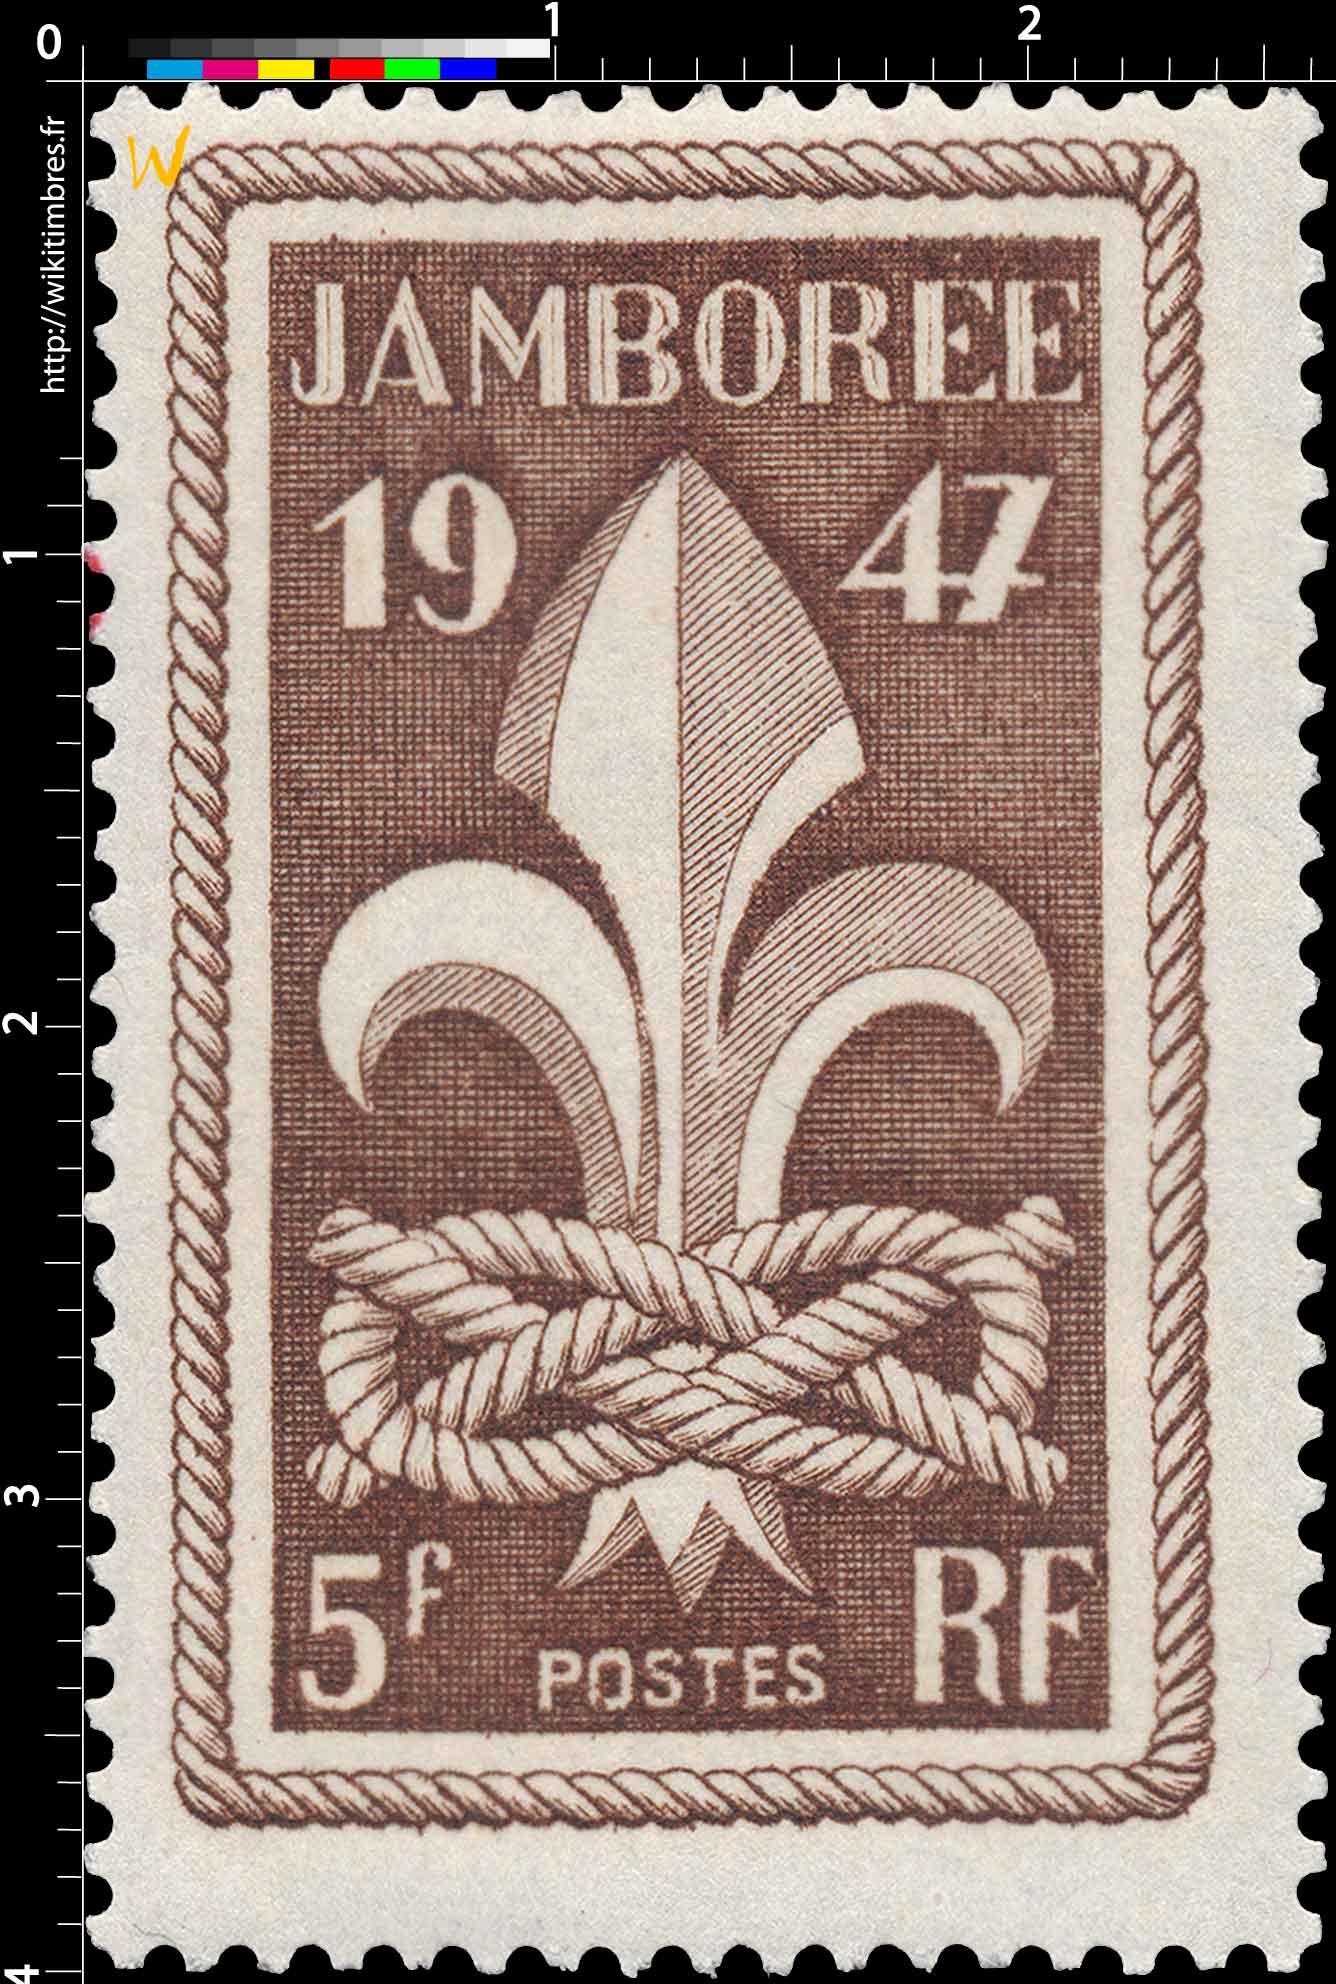 JAMBOREE 1947